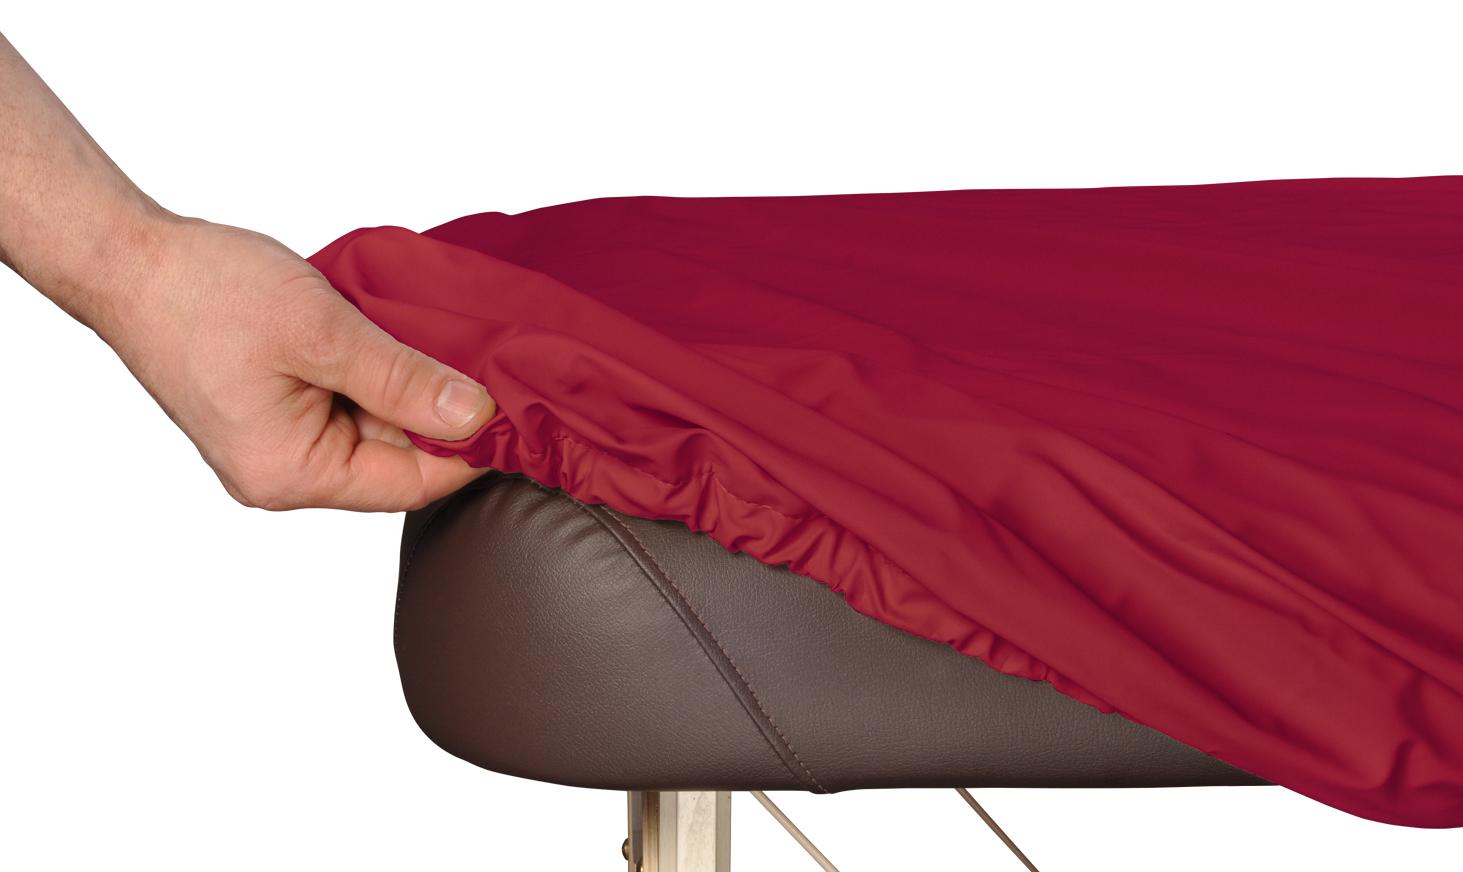 ayurvedabez ge waschen pflegen clap tzu. Black Bedroom Furniture Sets. Home Design Ideas